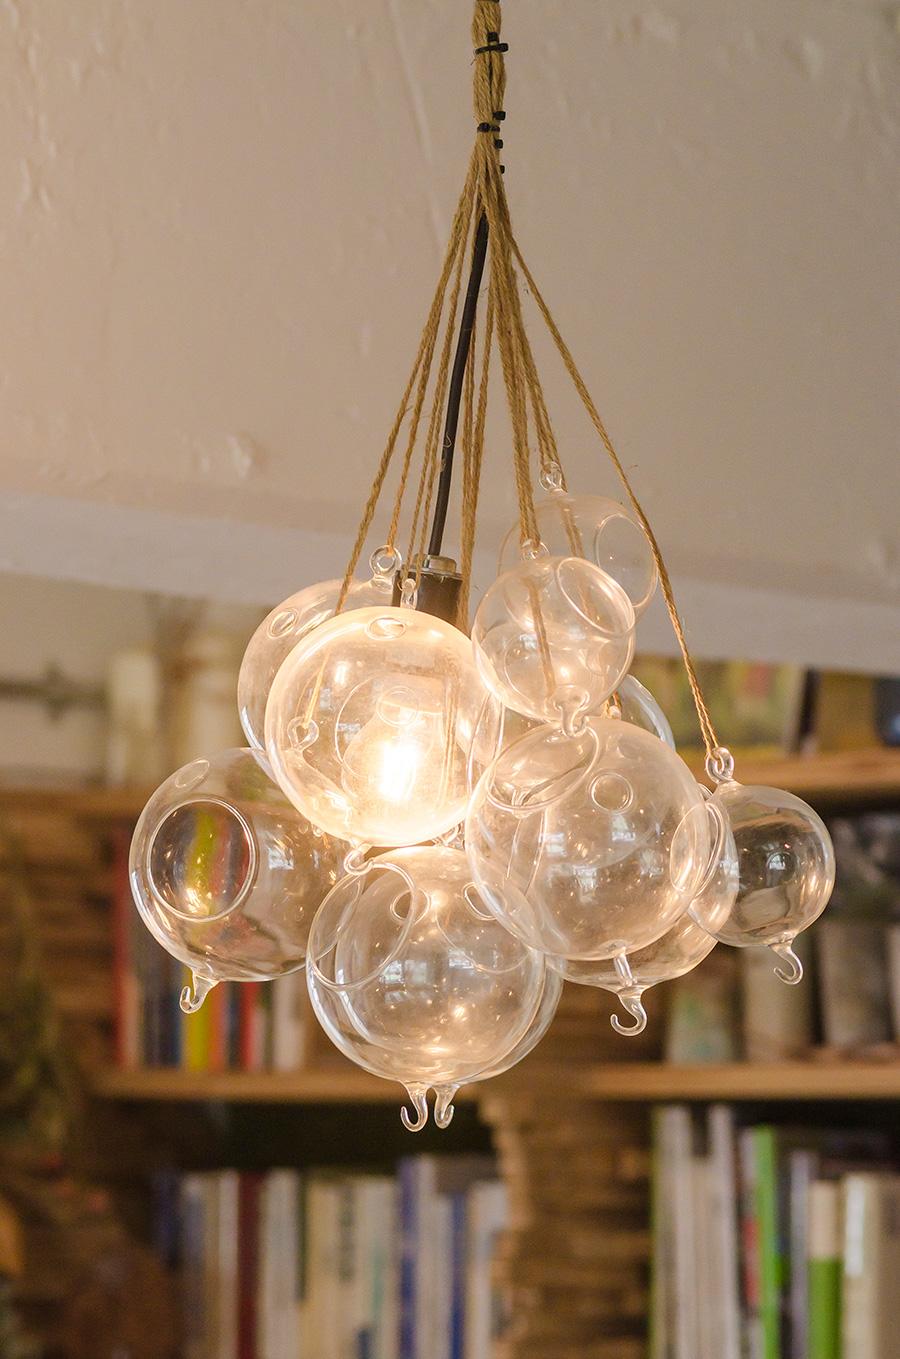 素敵な照明はYさんの手づくり。エアプランツやハンギングプランツ用のガラス容器をたくさん吊るして、真ん中に電球を入れた。